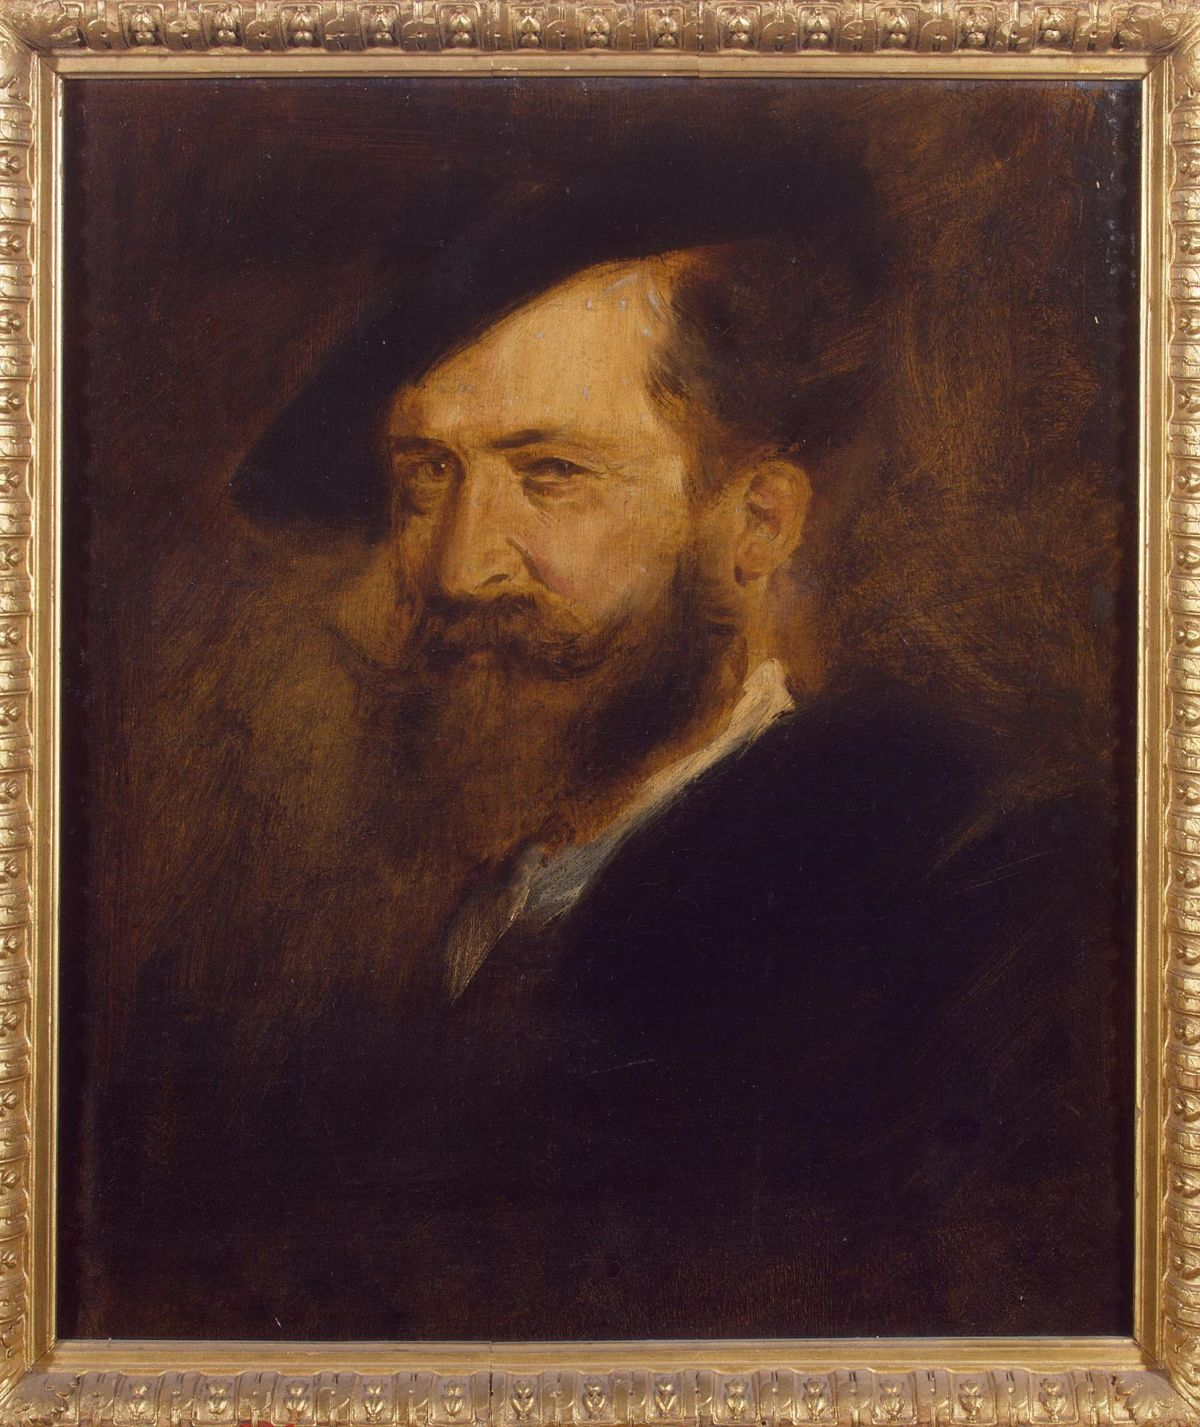 Portrait of Wilhelm Busch by Franz von Lenbach